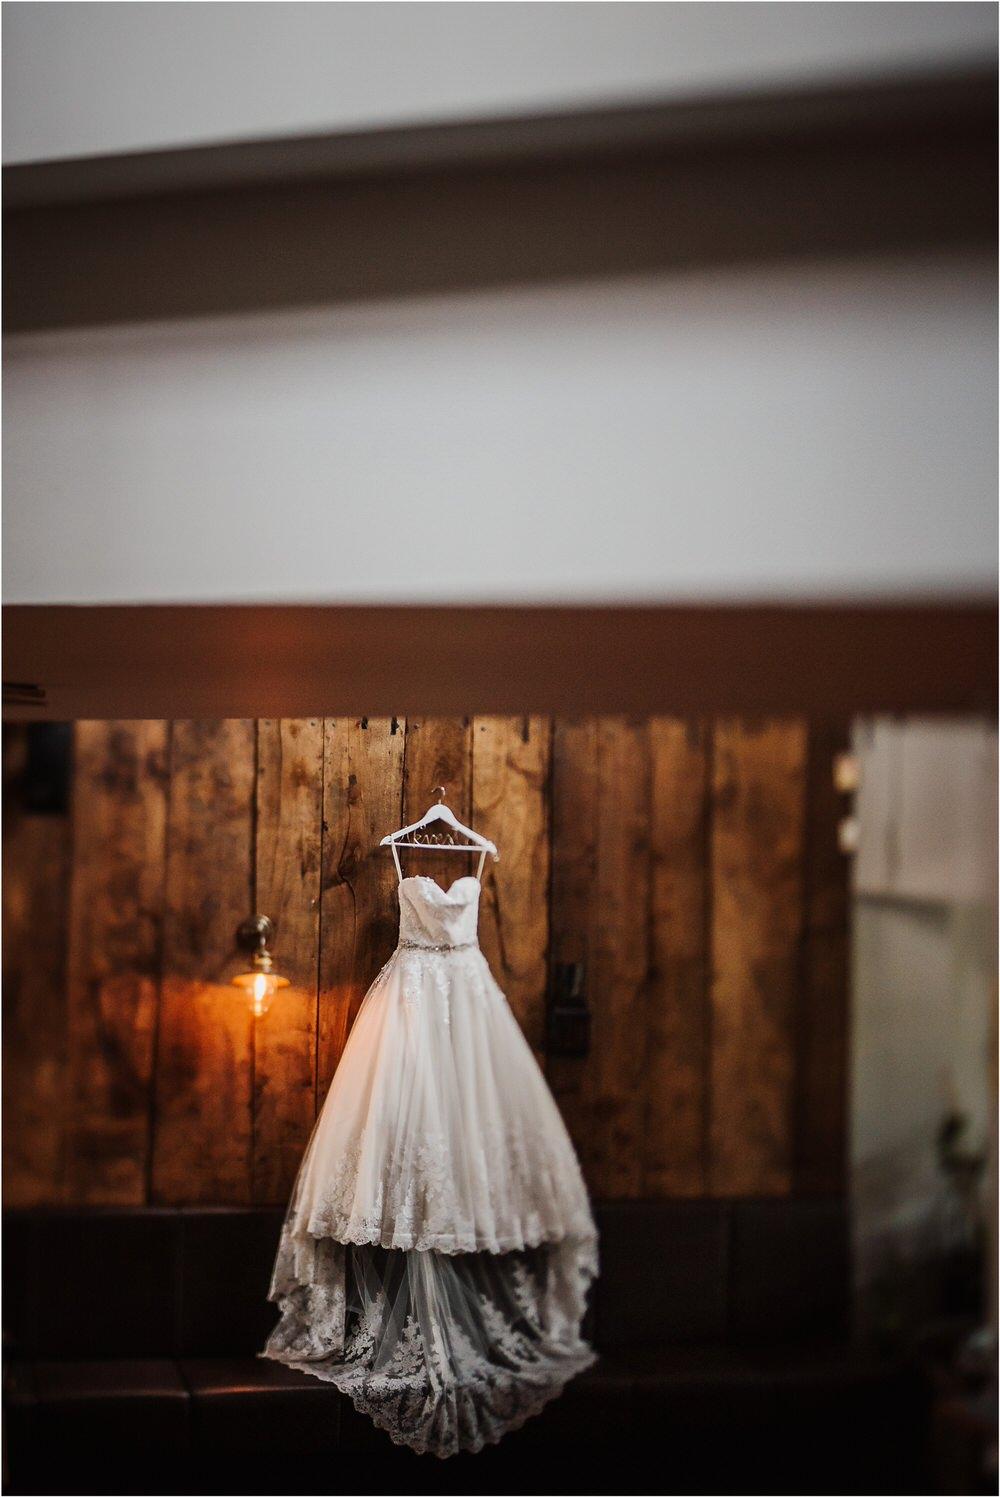 zicka kartuzija poroka porocni fotograf fotografija luka in ben loce elegantna poroka slovenski porocni fotograf  0002.jpg